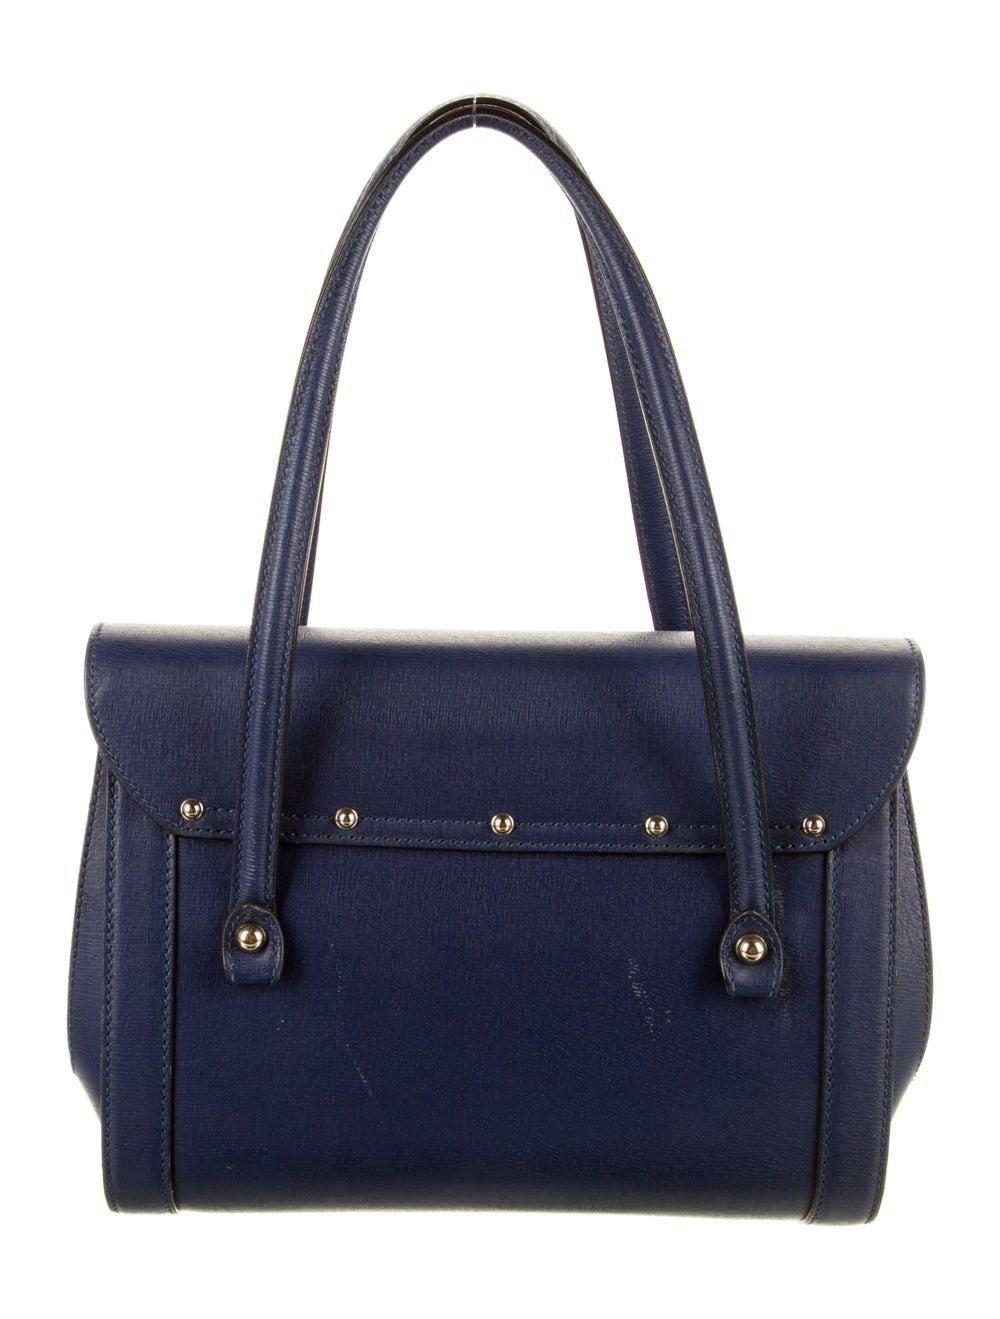 Gucci Leather Bamboo Bullet Shoulder Bag Blue - image 4